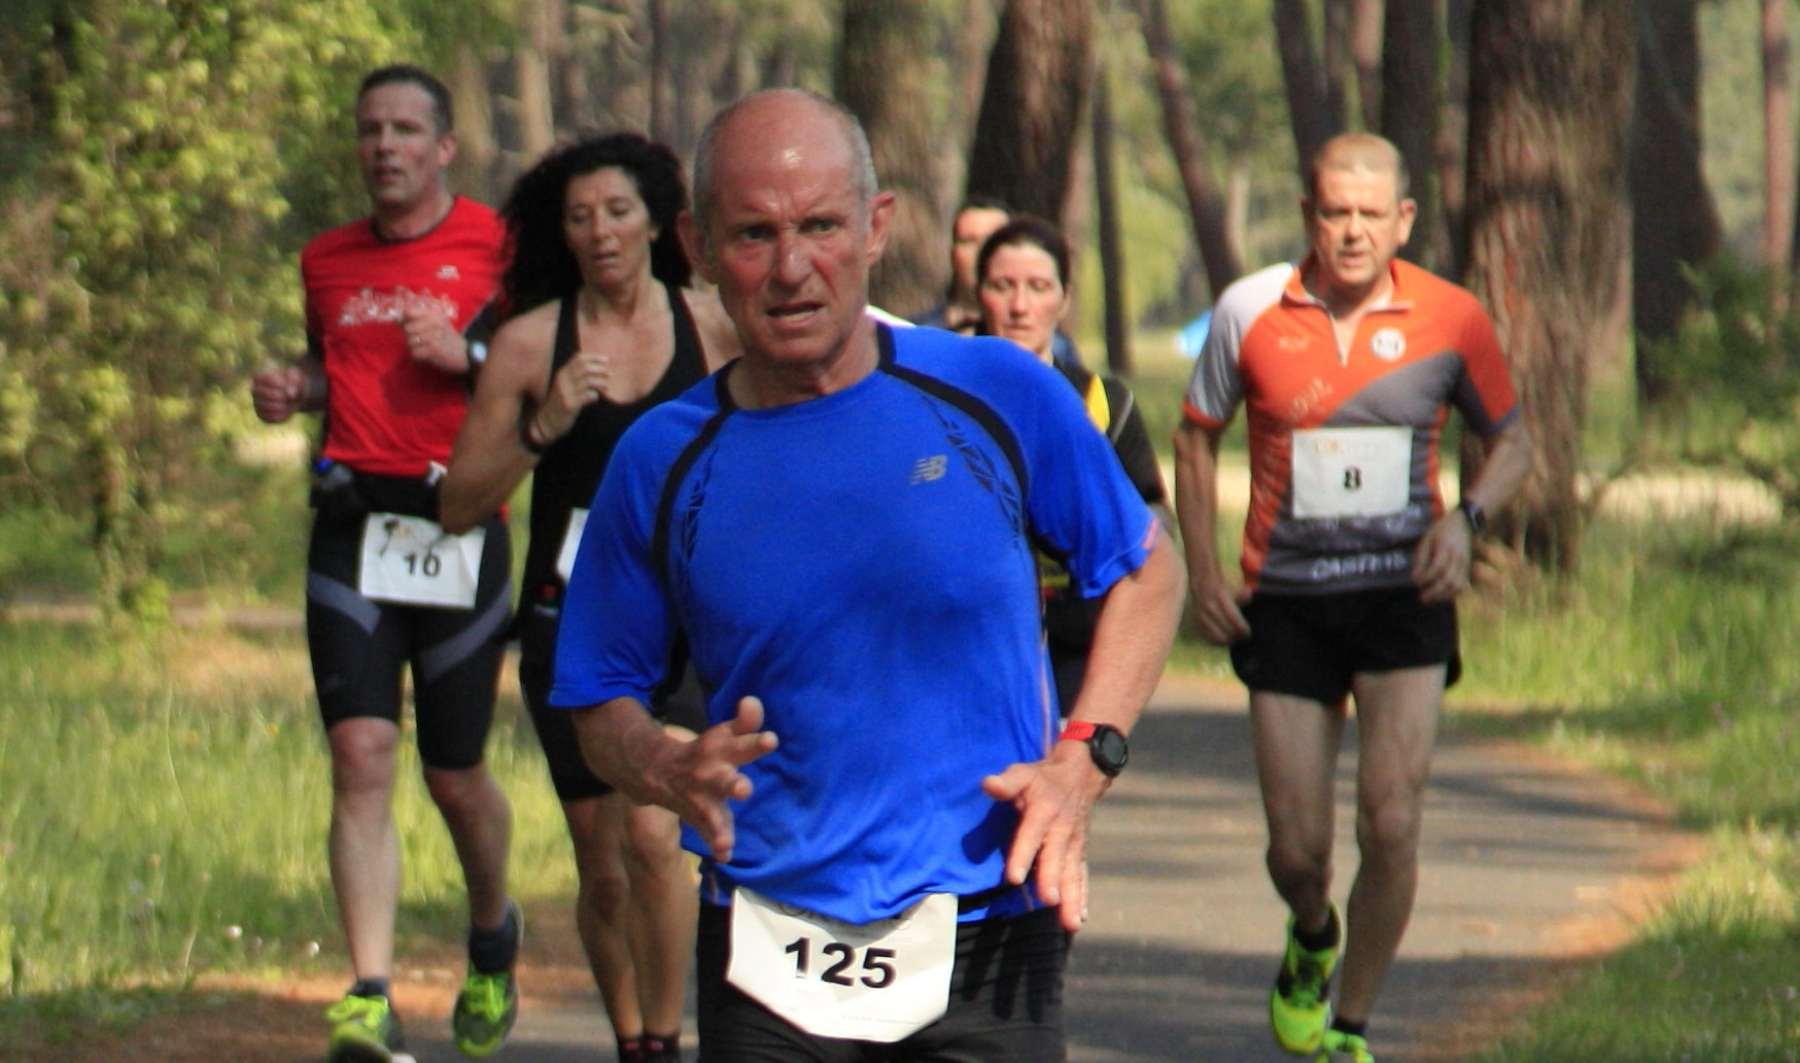 Empezar a correr después de los 50 años